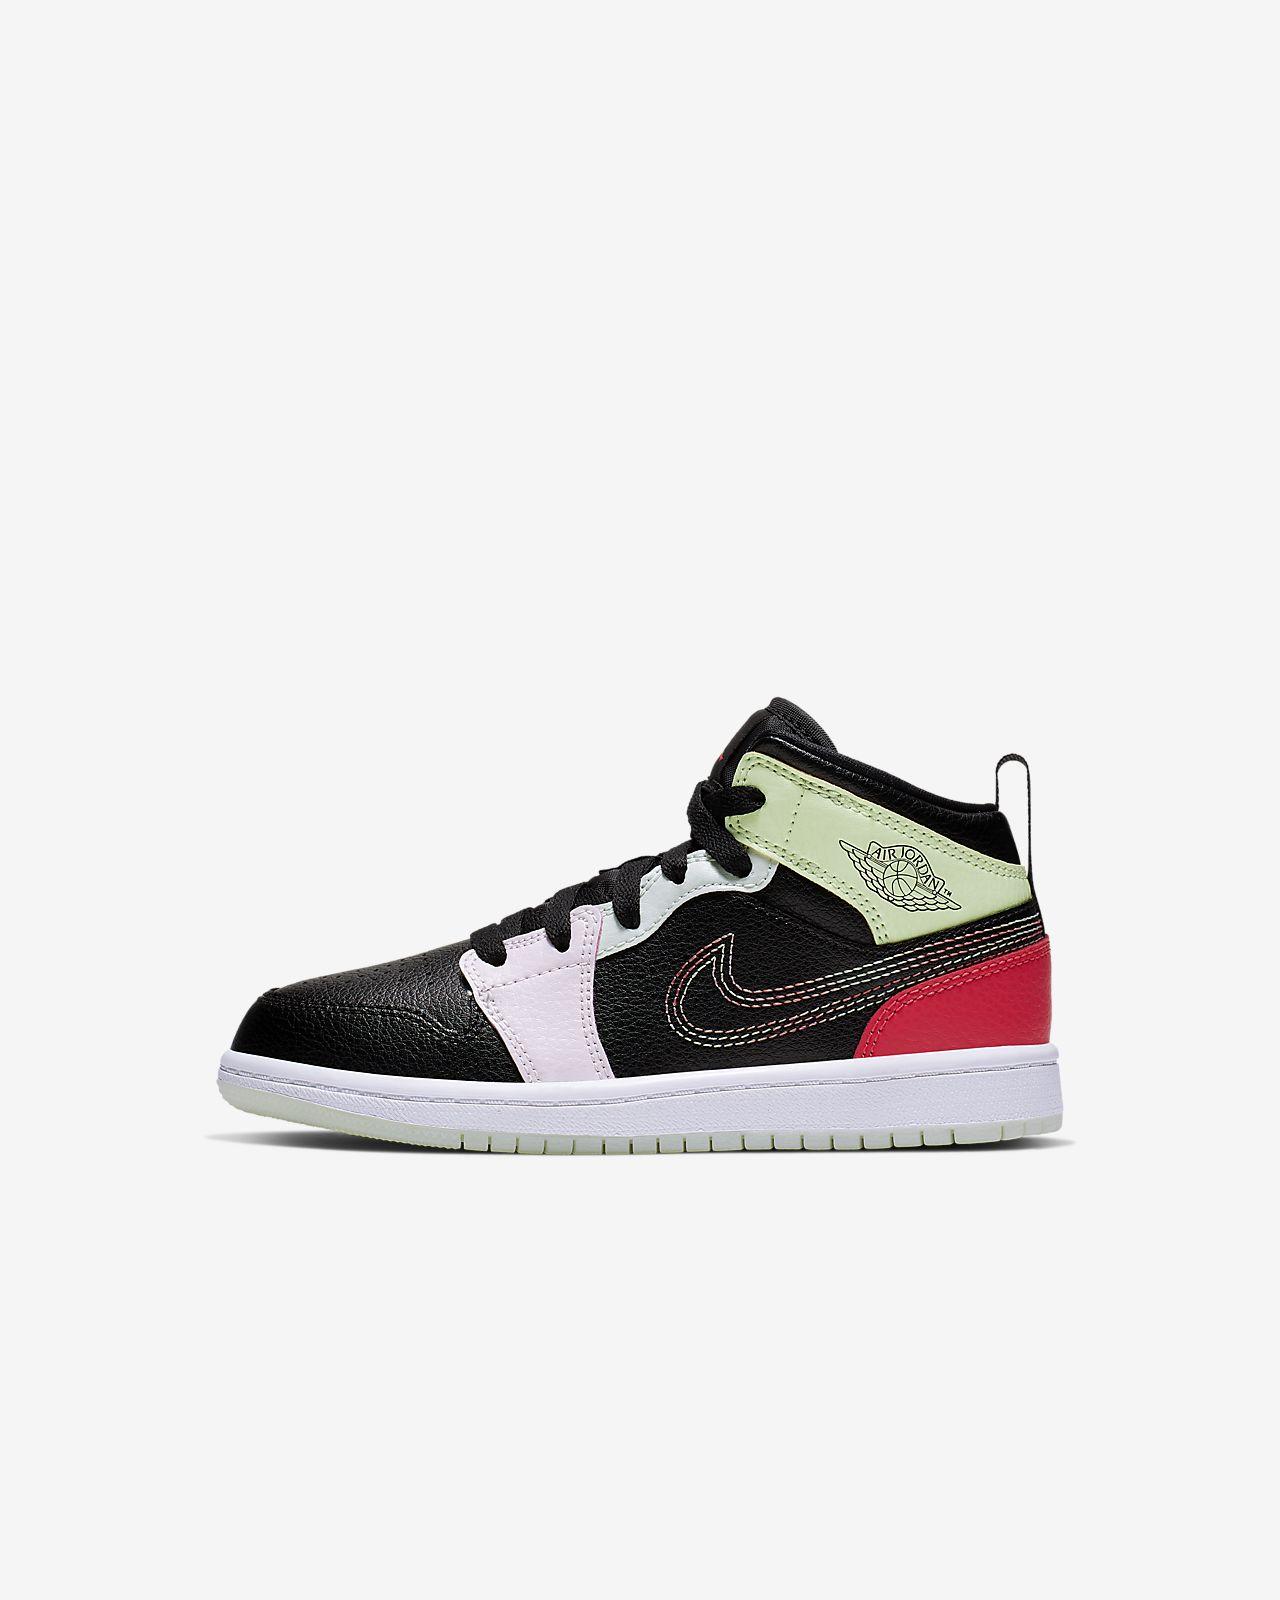 Jordan 1 Mid SE Little Kids' Shoe (10.5c-3y)